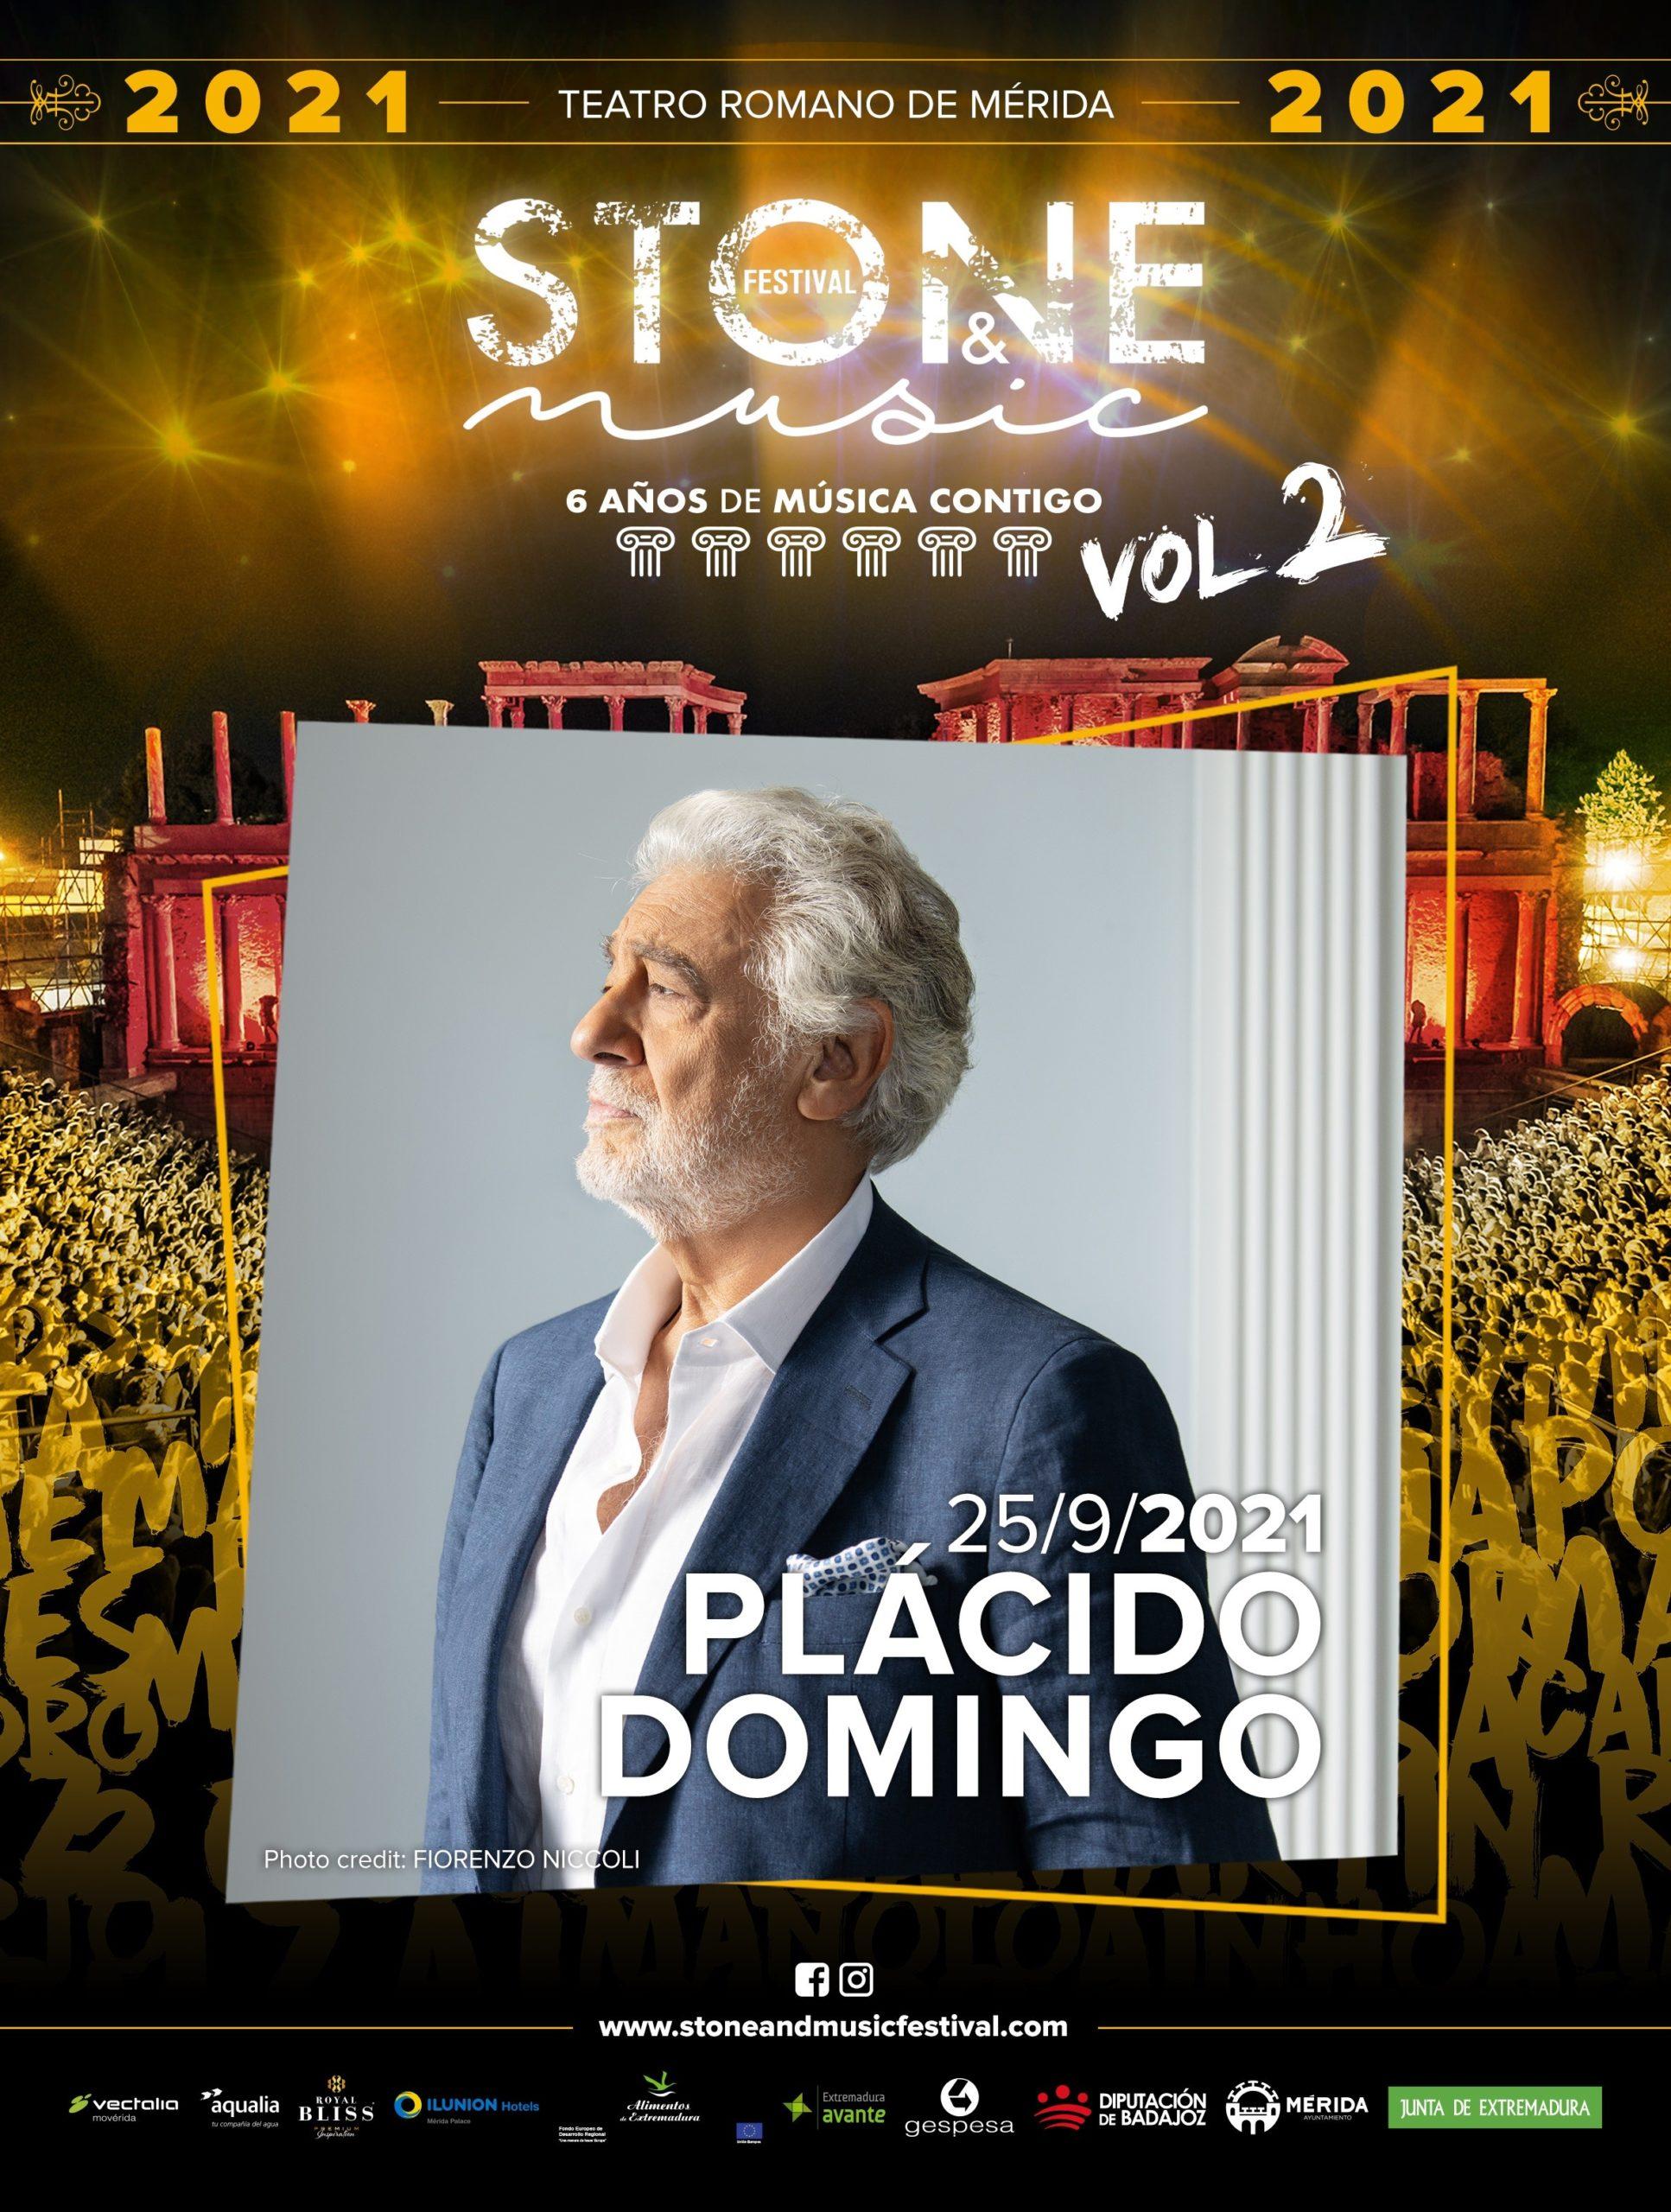 16-07-2021 Actuación de Plácido Domingo CULTURA ESPAÑA EUROPA EXTREMADURA FESTIVAL STONE&MUSIC